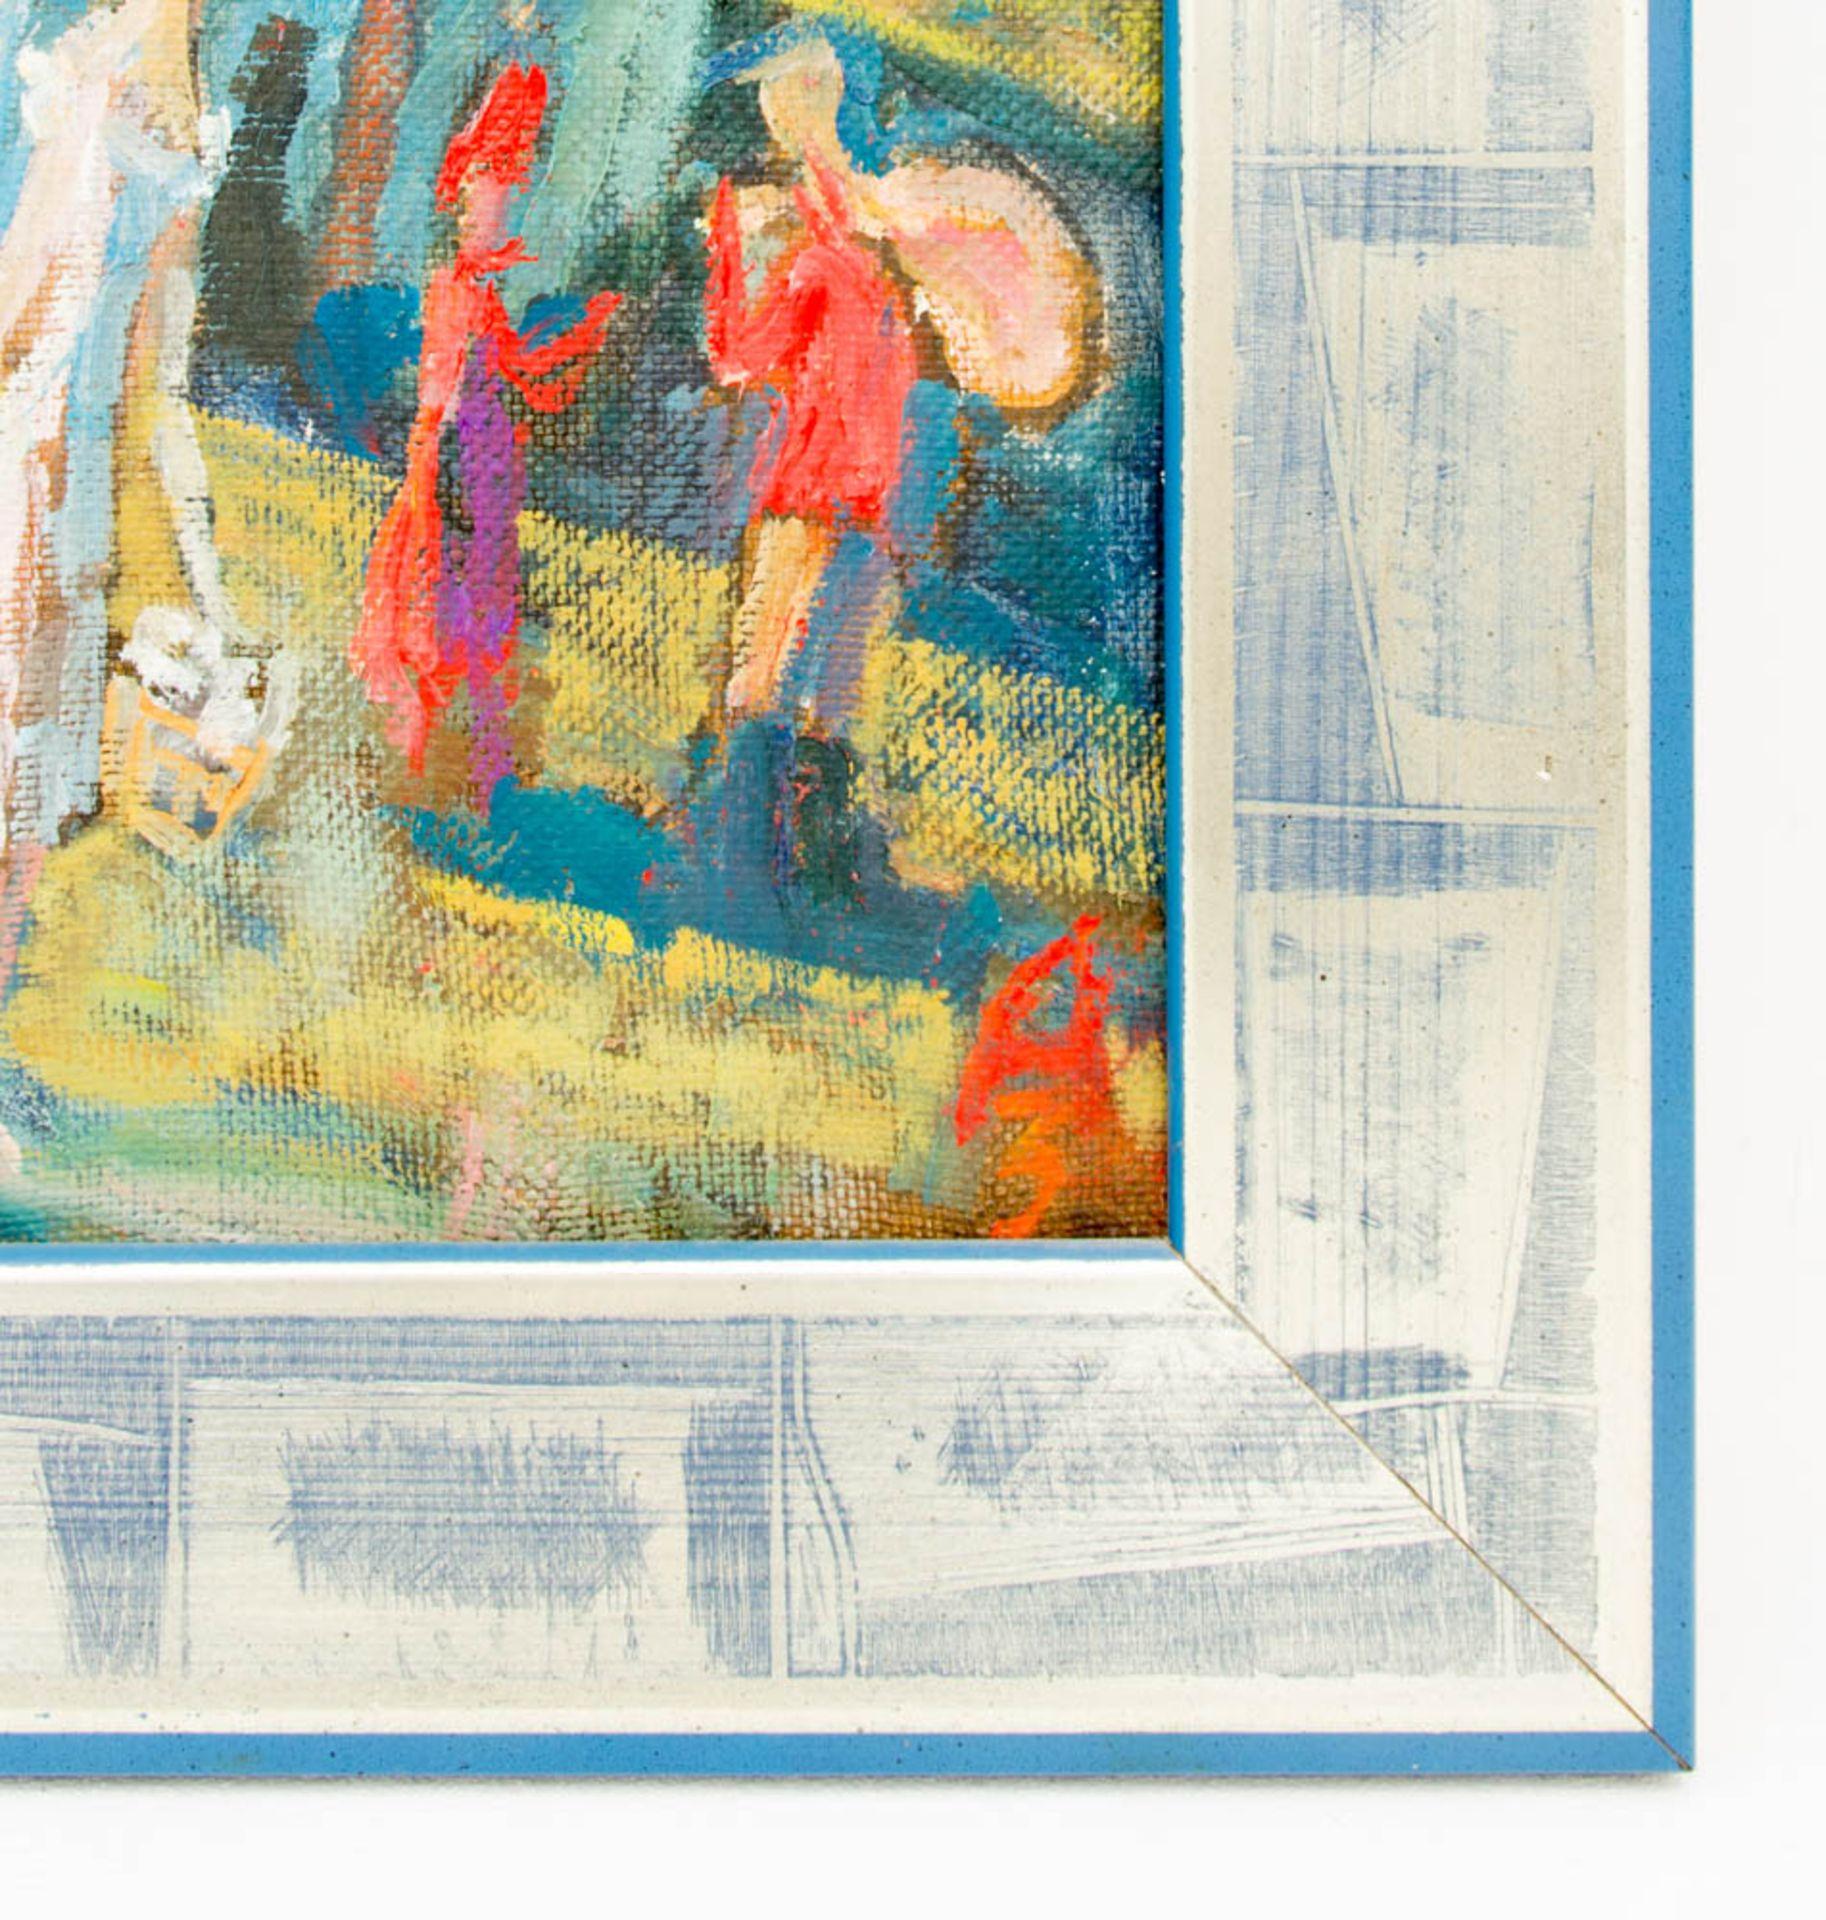 Abstrakte Komposition, Stadt mit Menschen, 20. Jh.Signiert und gerahmt.Rückseite - Bild 3 aus 4